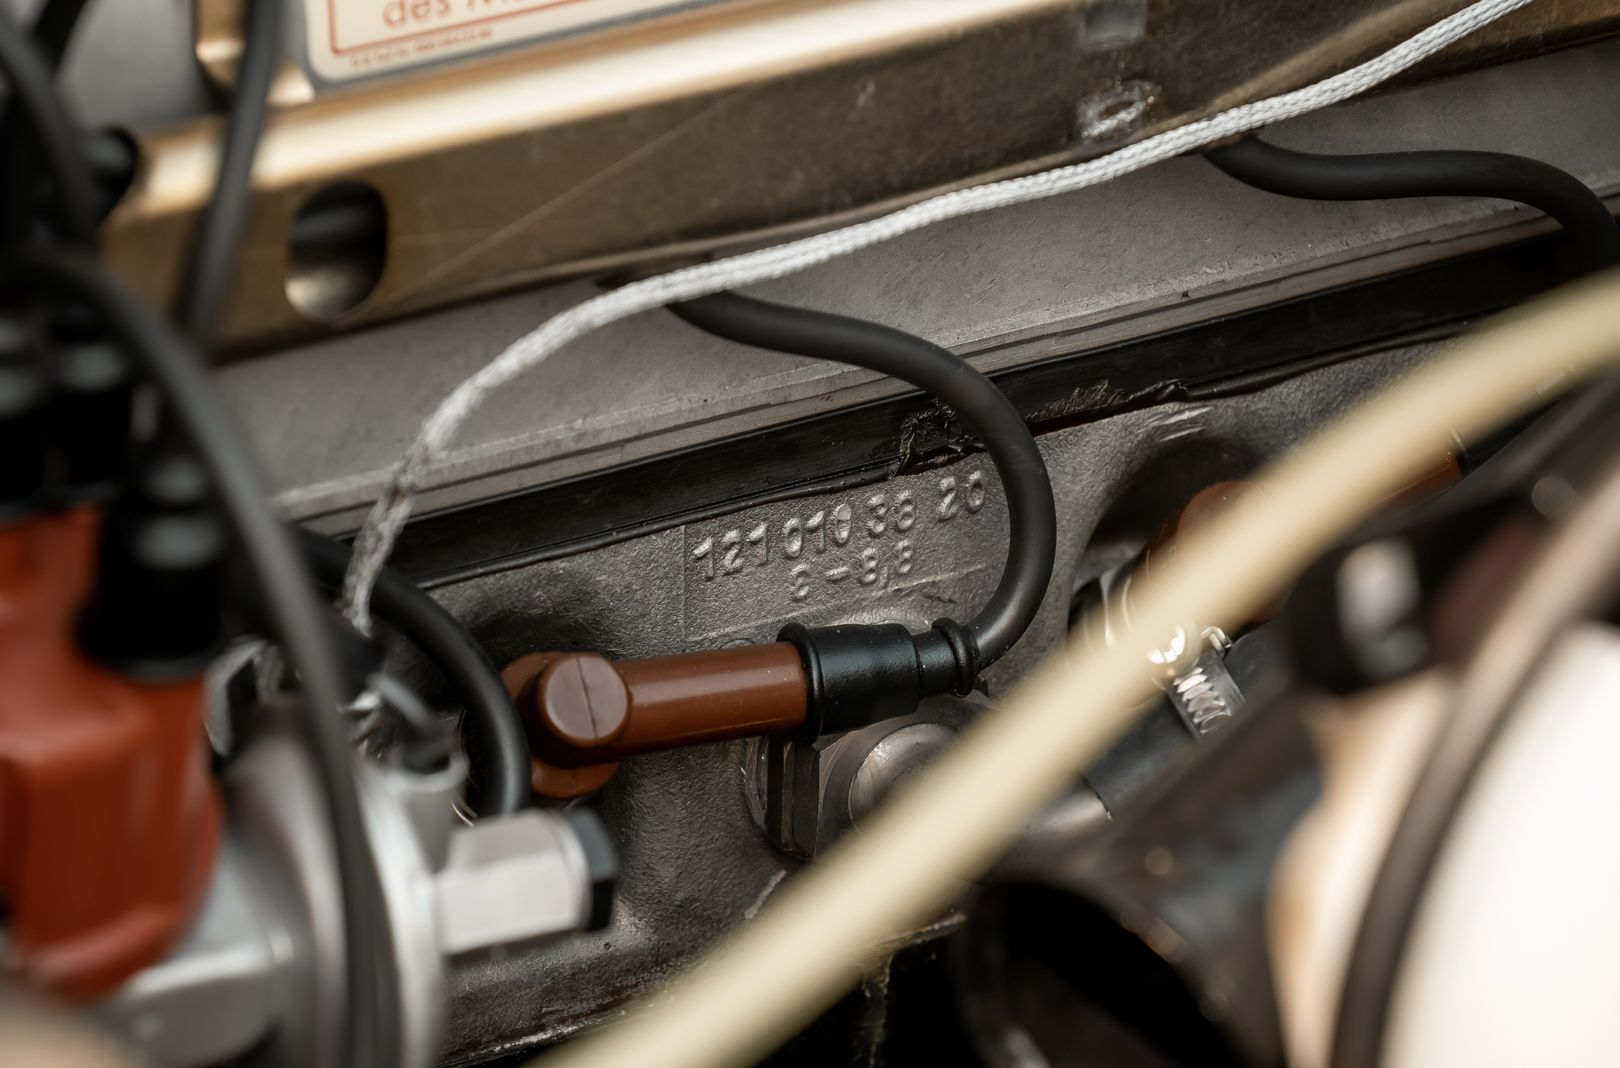 1961 Mercedes-Benz 190 SL 73881